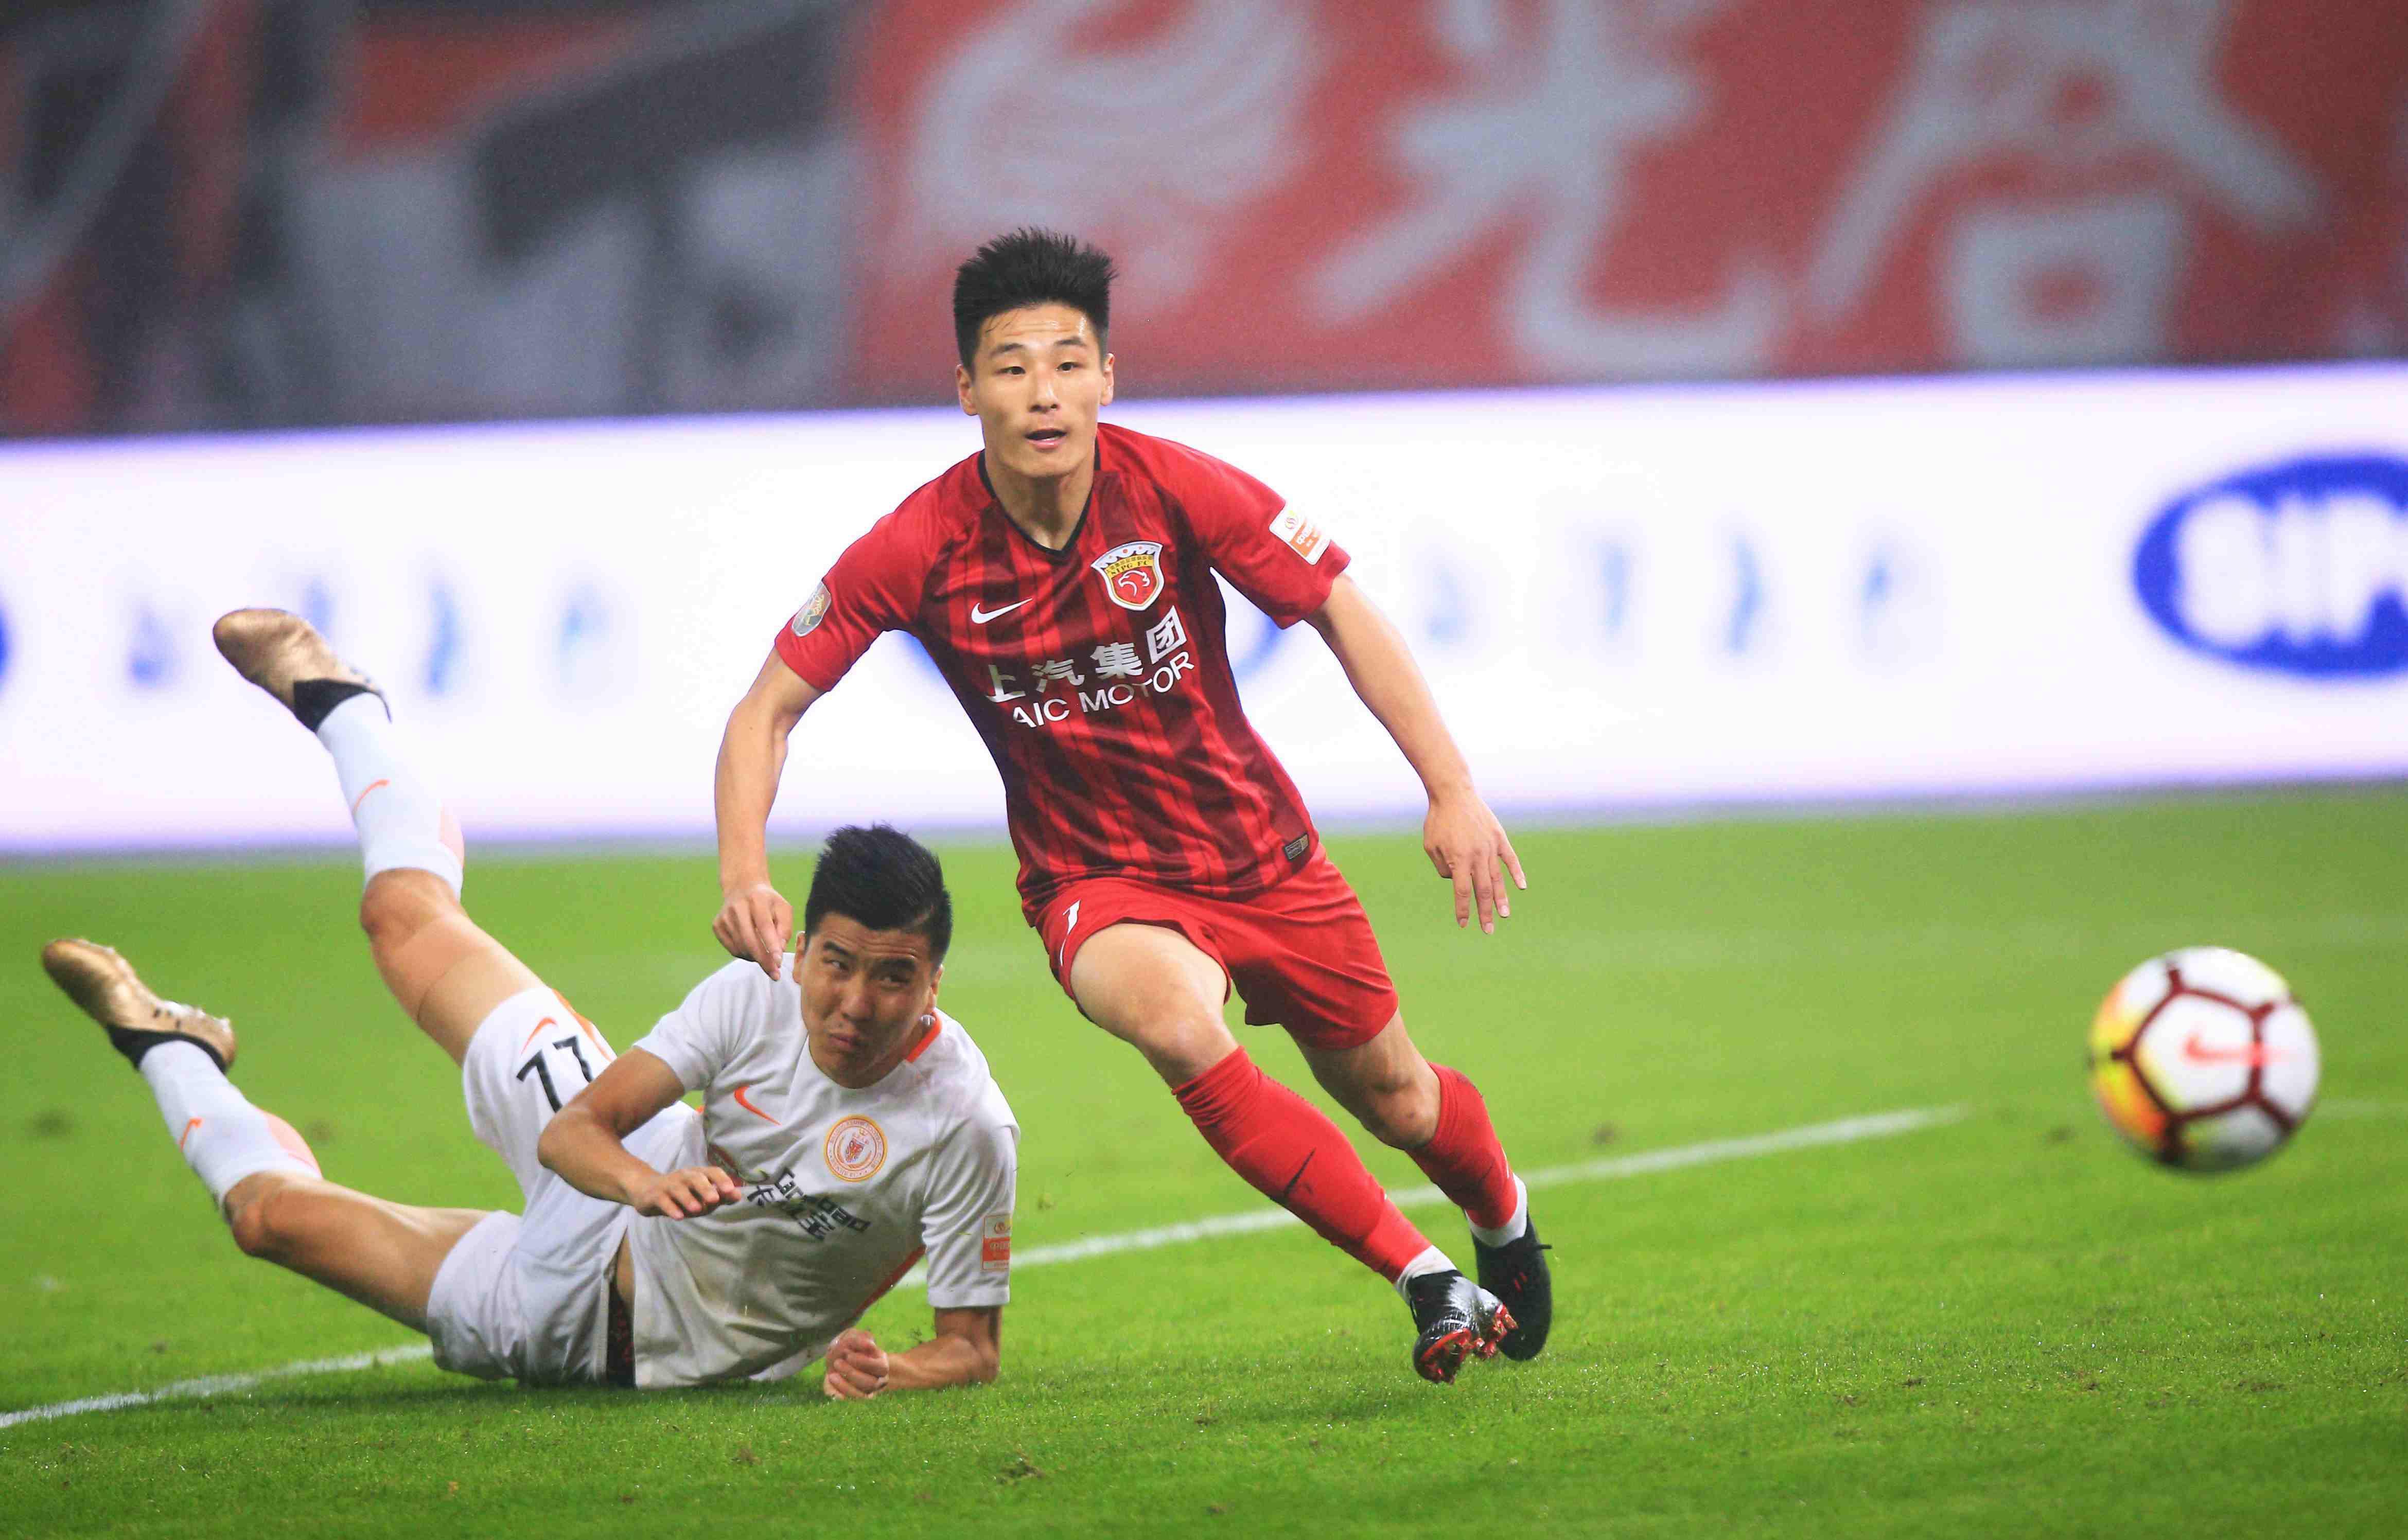 中超最佳阵容:武磊巴坎布冲锋 保级队贡献6人